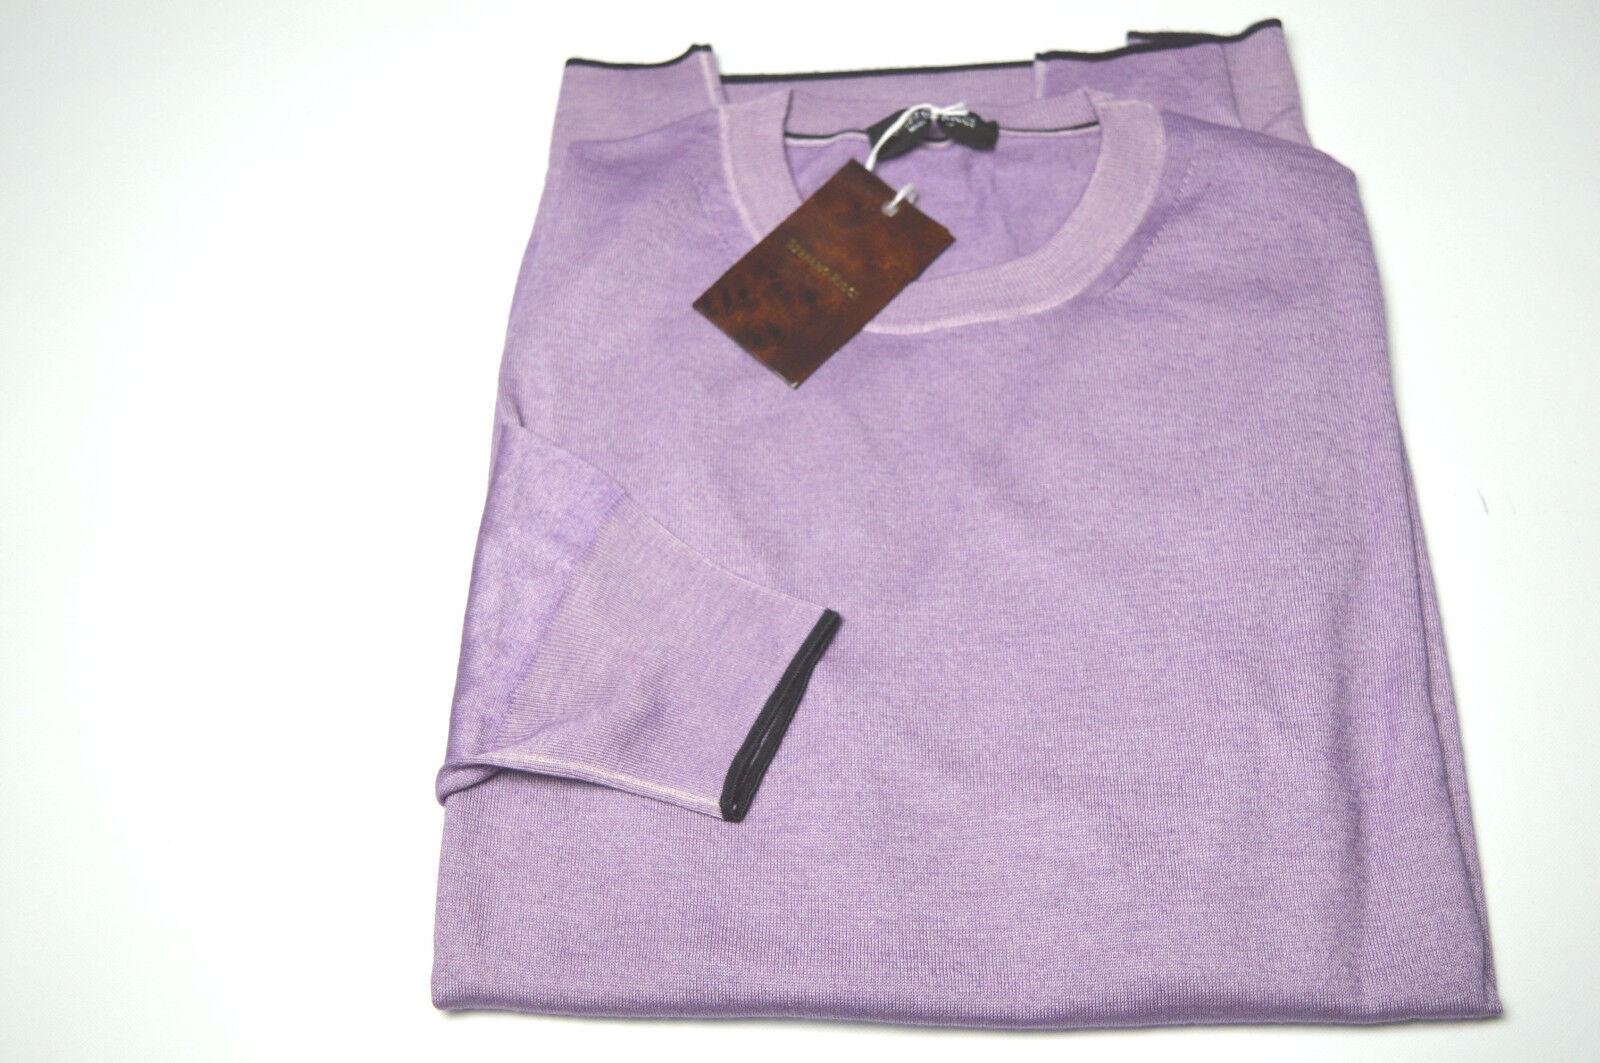 NEW  1740,00 STEFANO RICCI Sweater  Cashmere  Größe L Us 52 Eu (COD AF18)